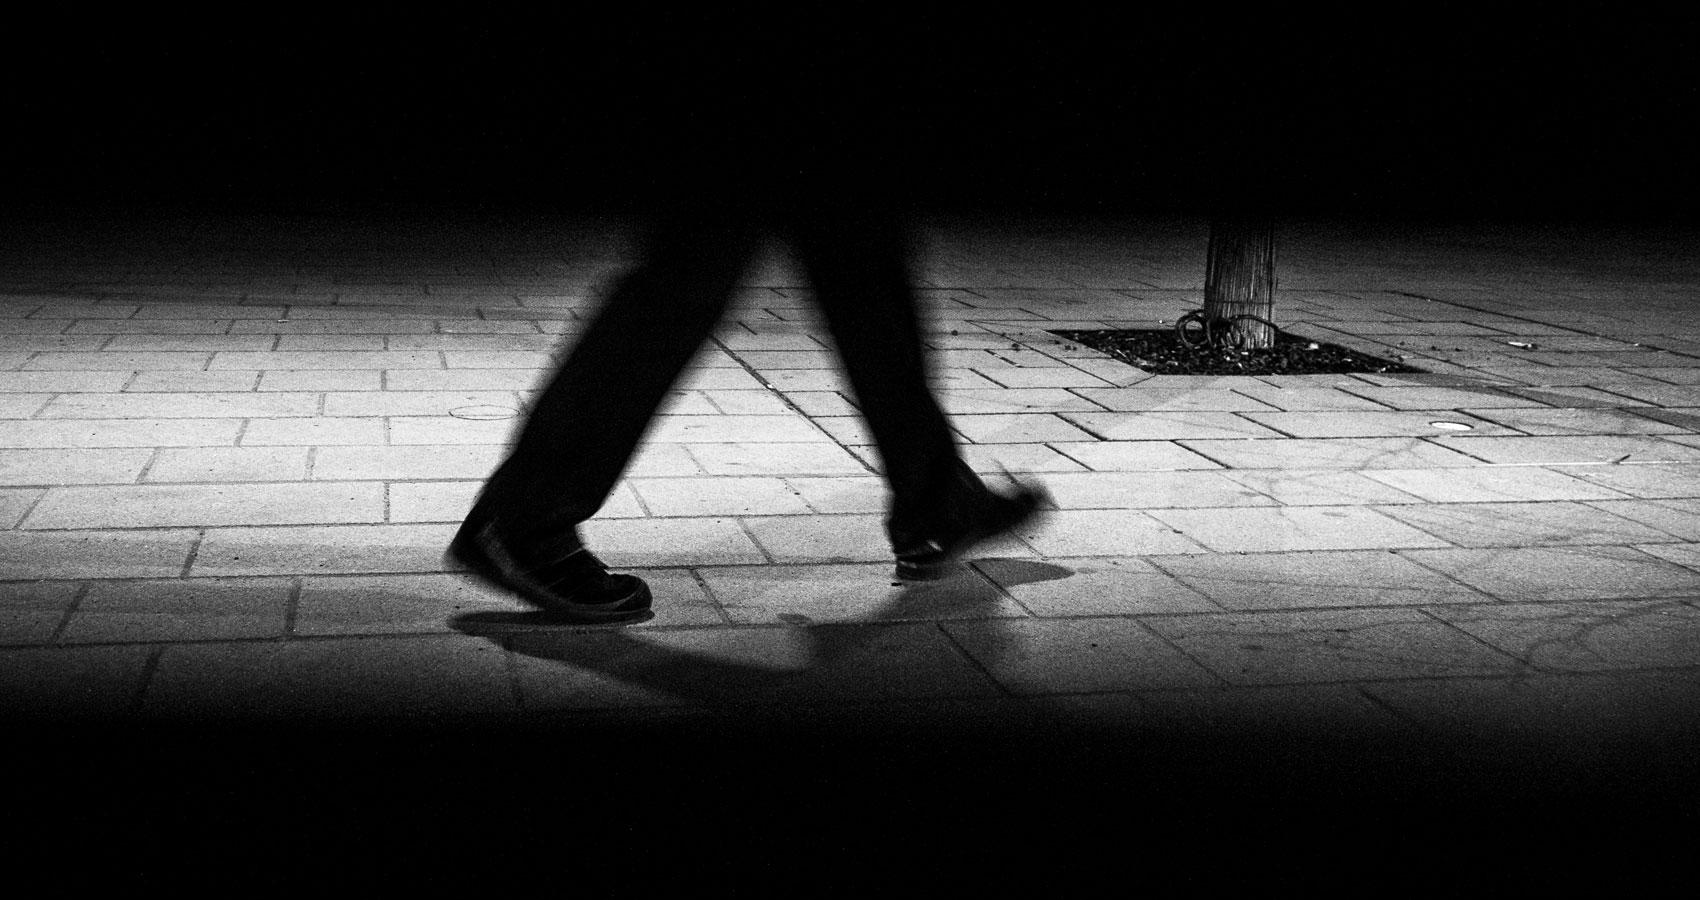 Walking Around written by Pablo Neruda at Spillwords.com